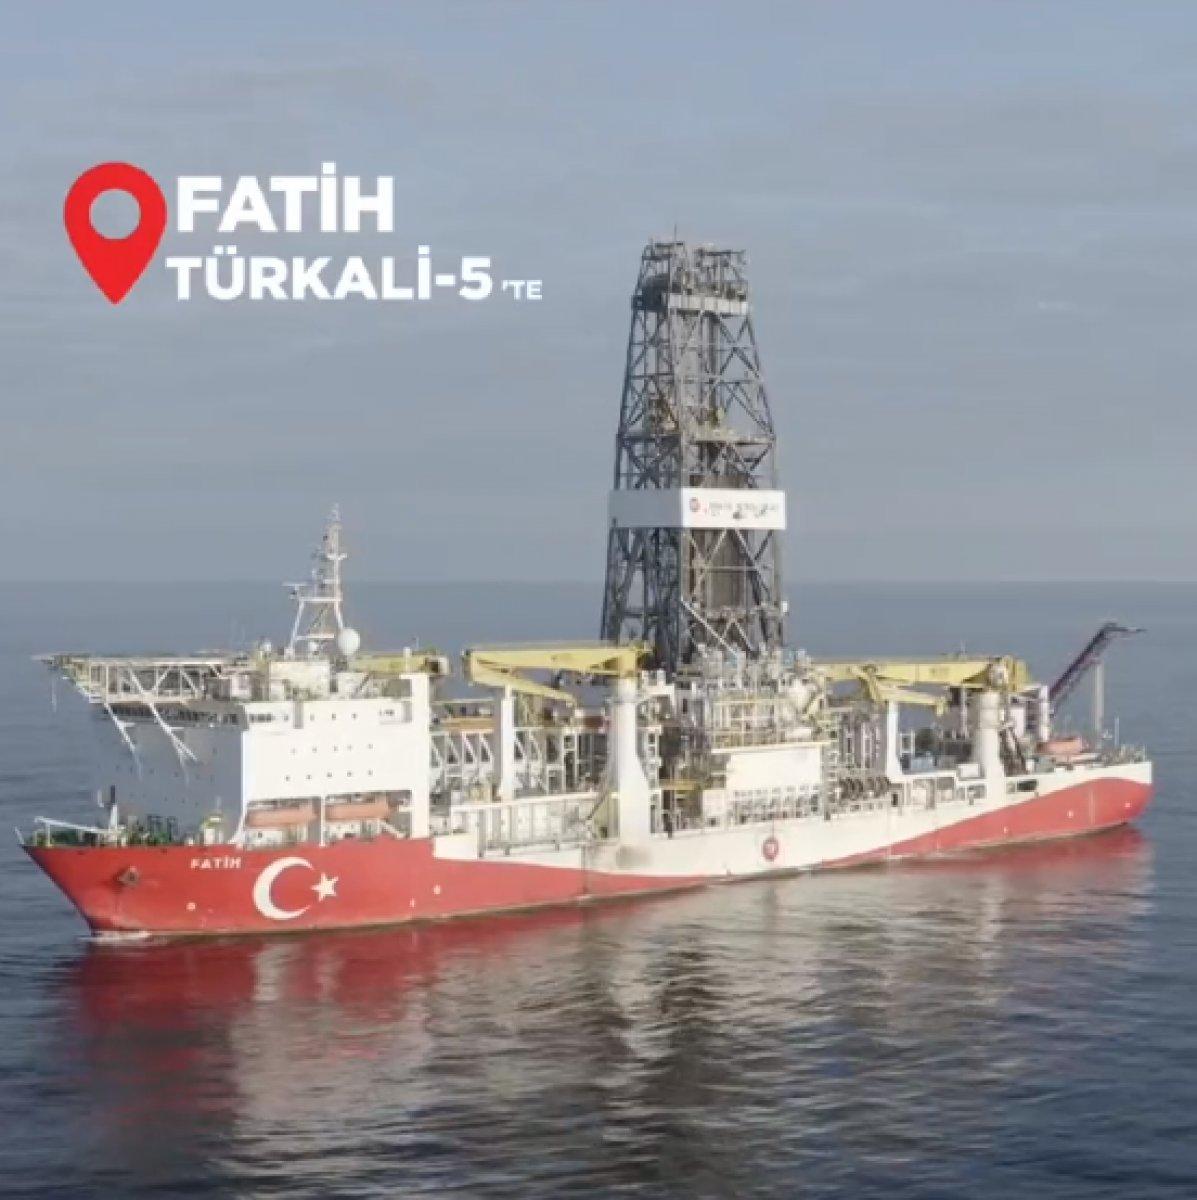 Fatih, Türkali-5 te sondaja başladı #1